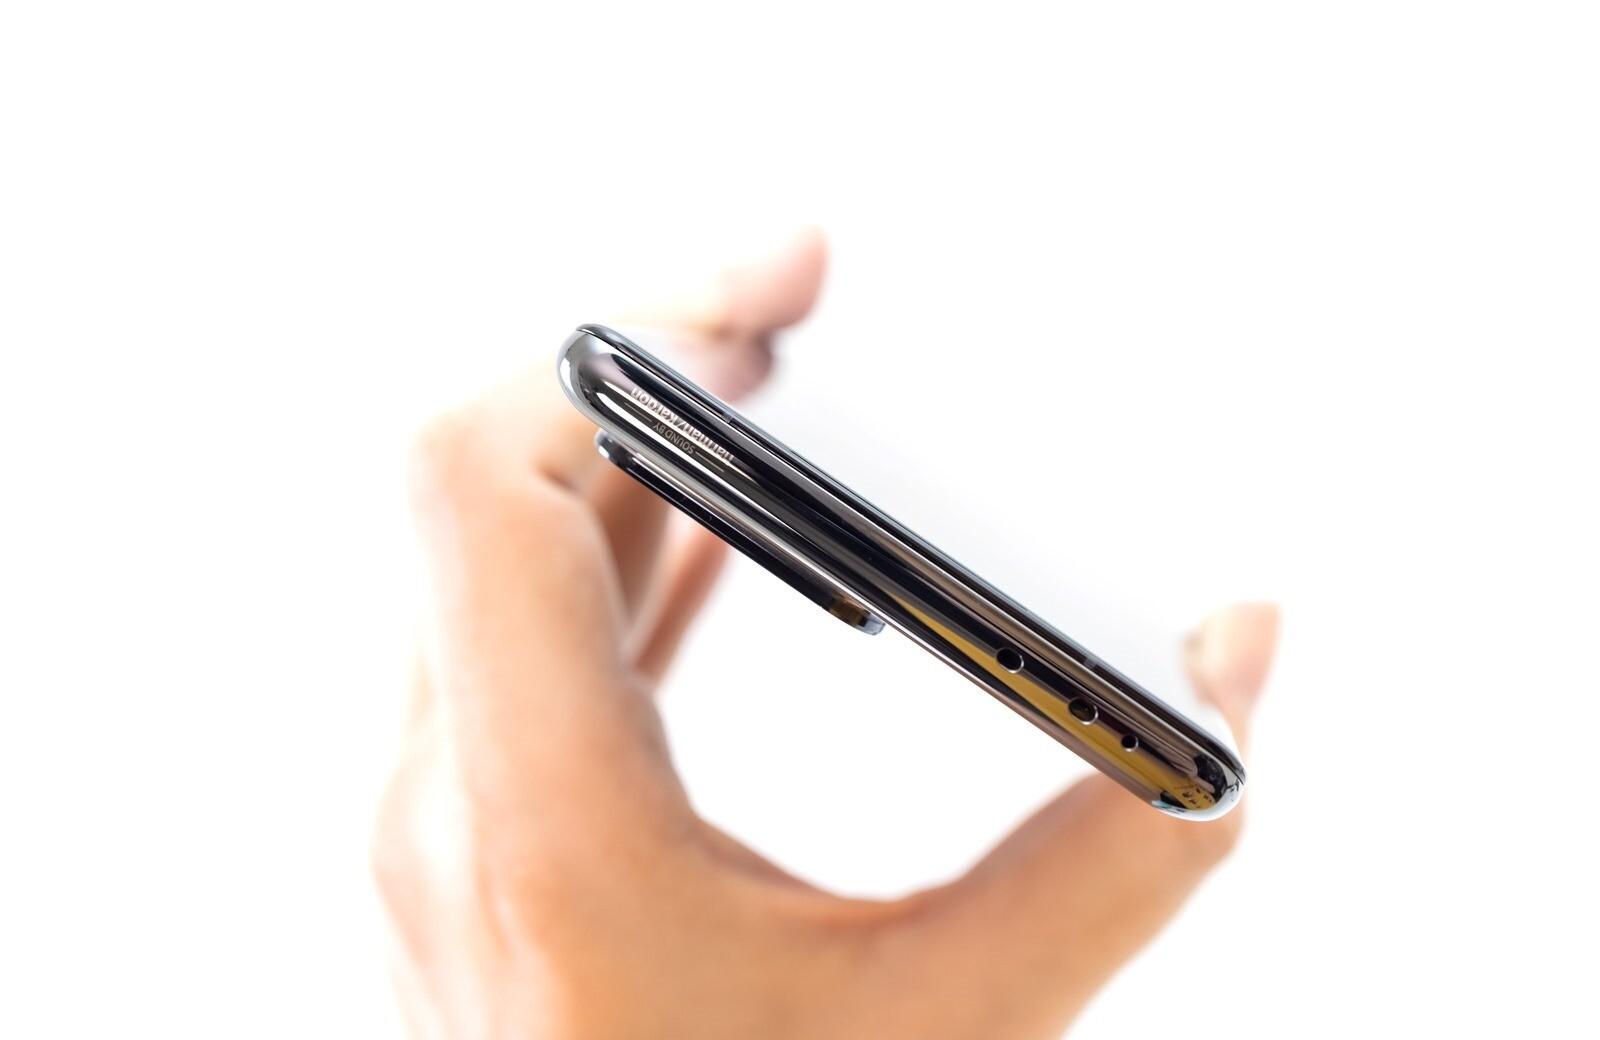 完美全螢幕手機來了!小米 MIX 4 開箱 + 性能電力測試 + 相機實拍 (附 Google 安裝教學) @3C 達人廖阿輝